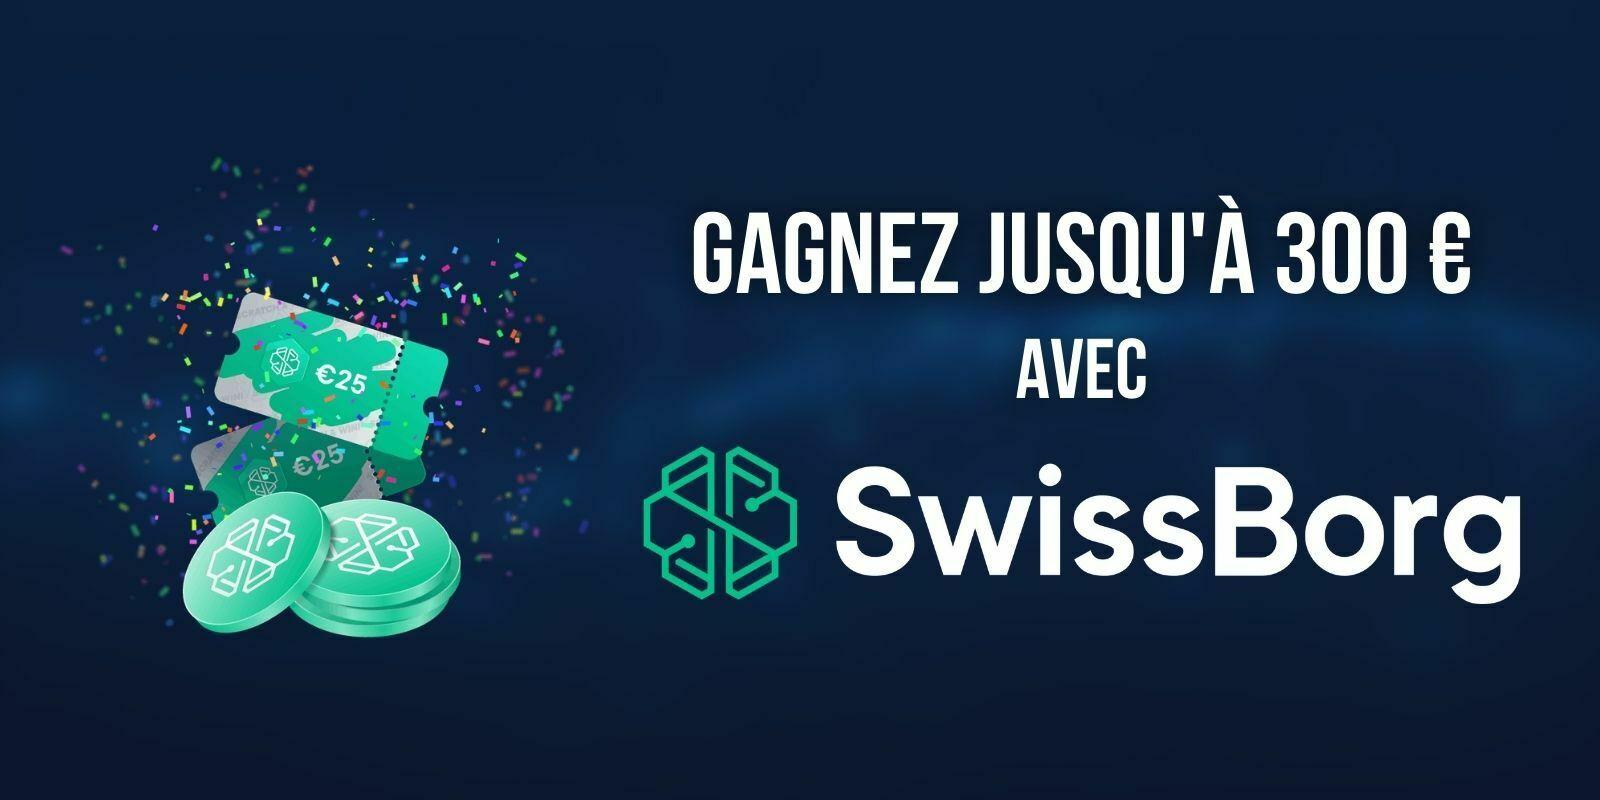 Jusqu'à 300 € à gagner avec SwissBorg (CHSB) pour bien commencer l'été